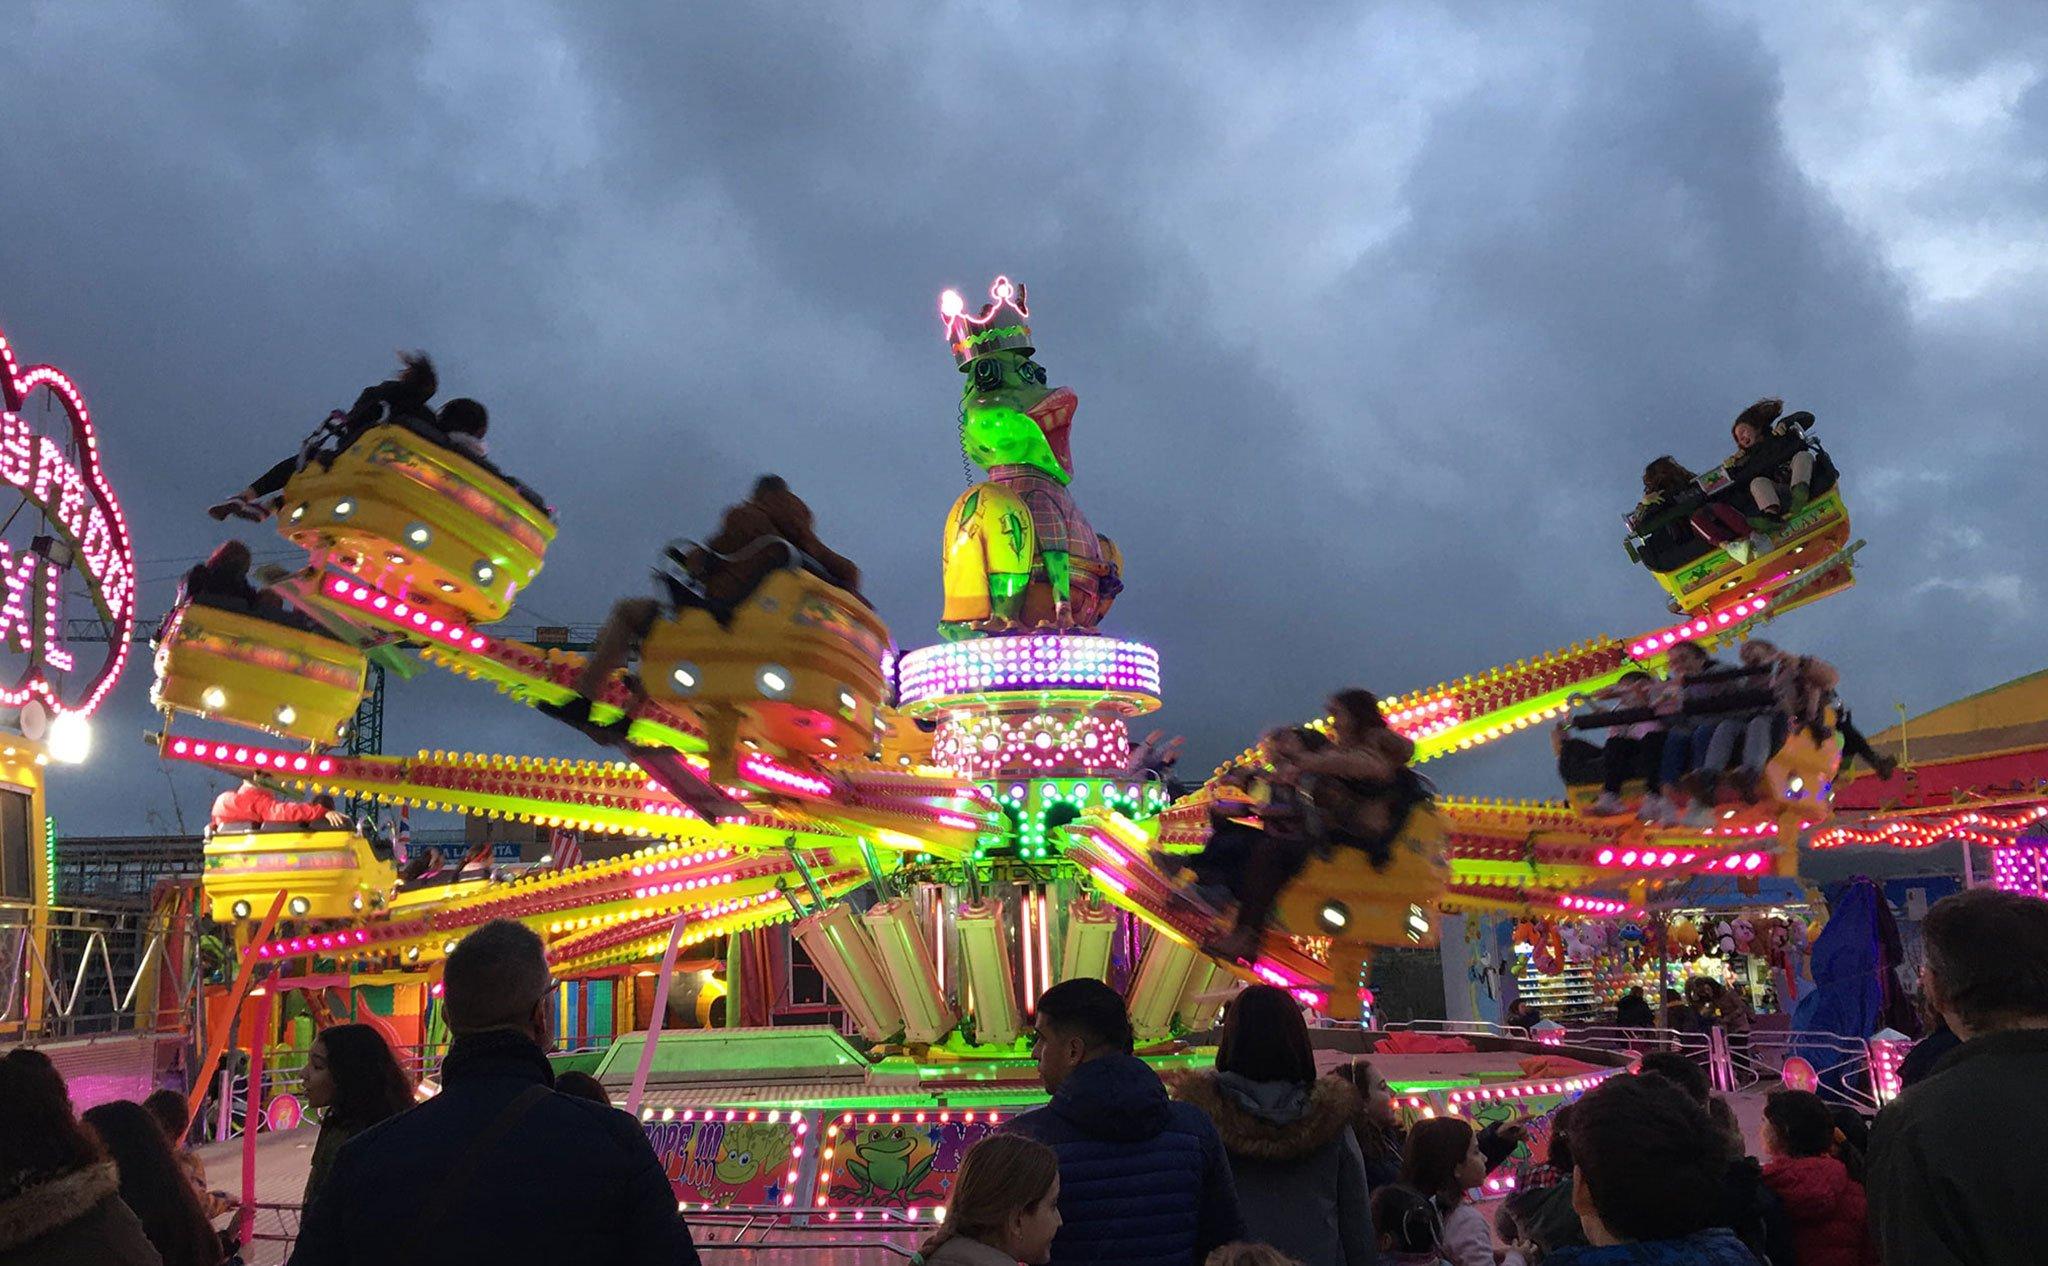 Feria de atracciones en Jávea